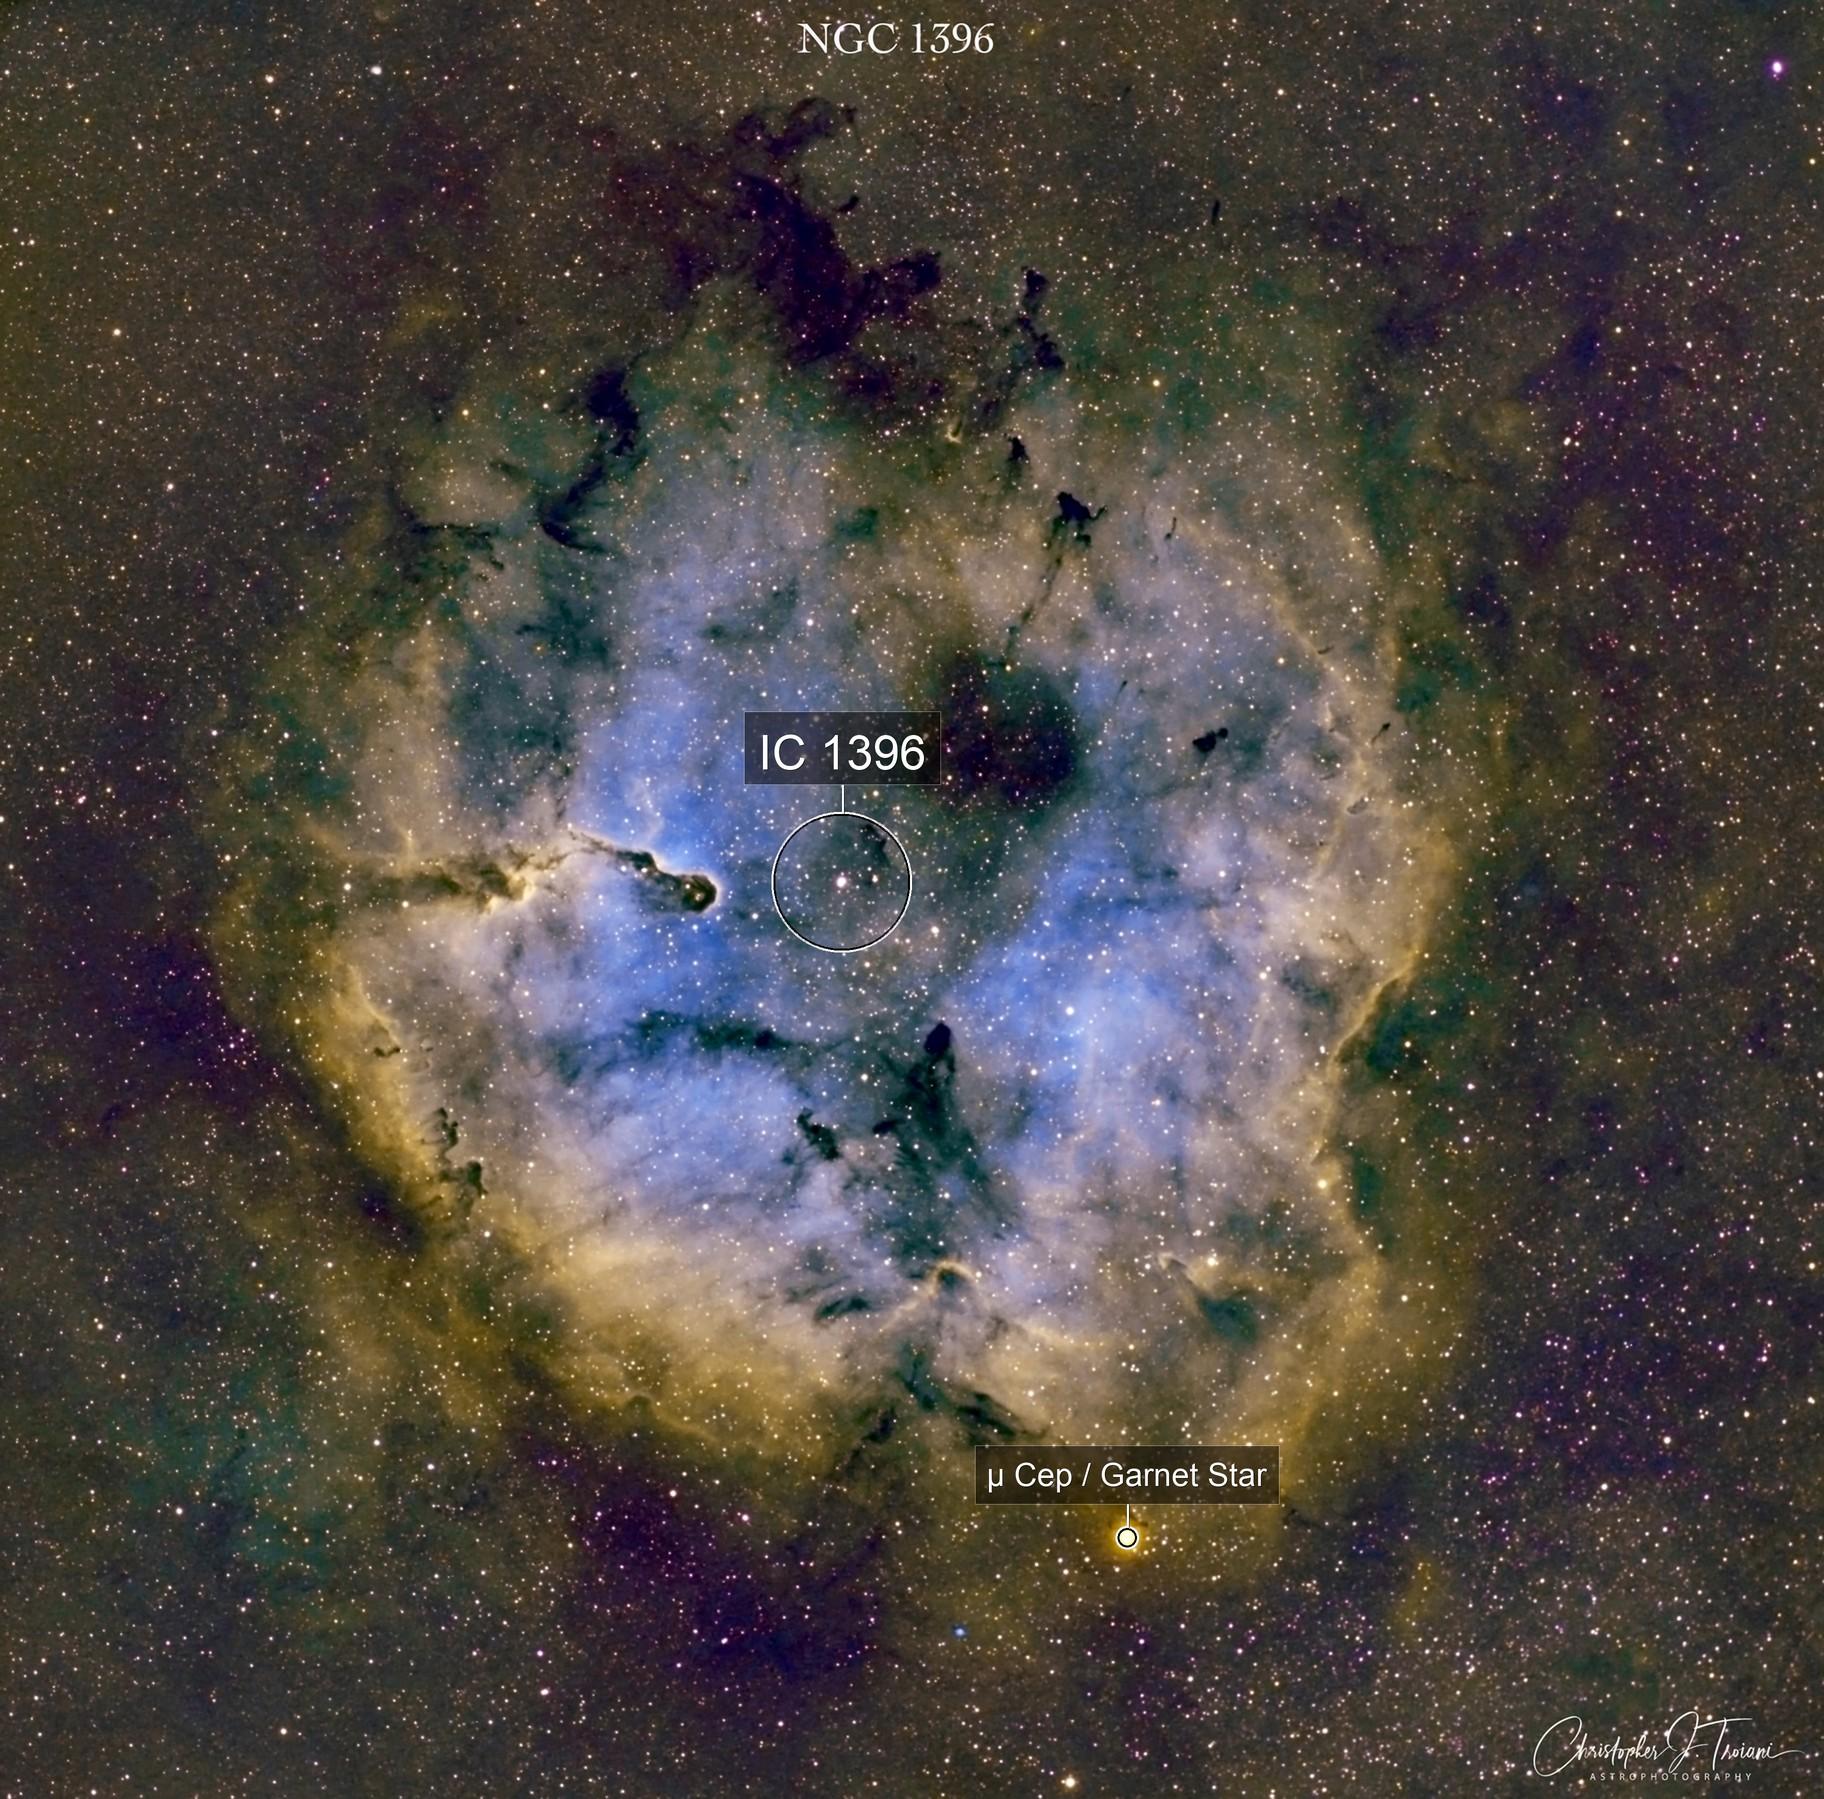 NGCC 1396